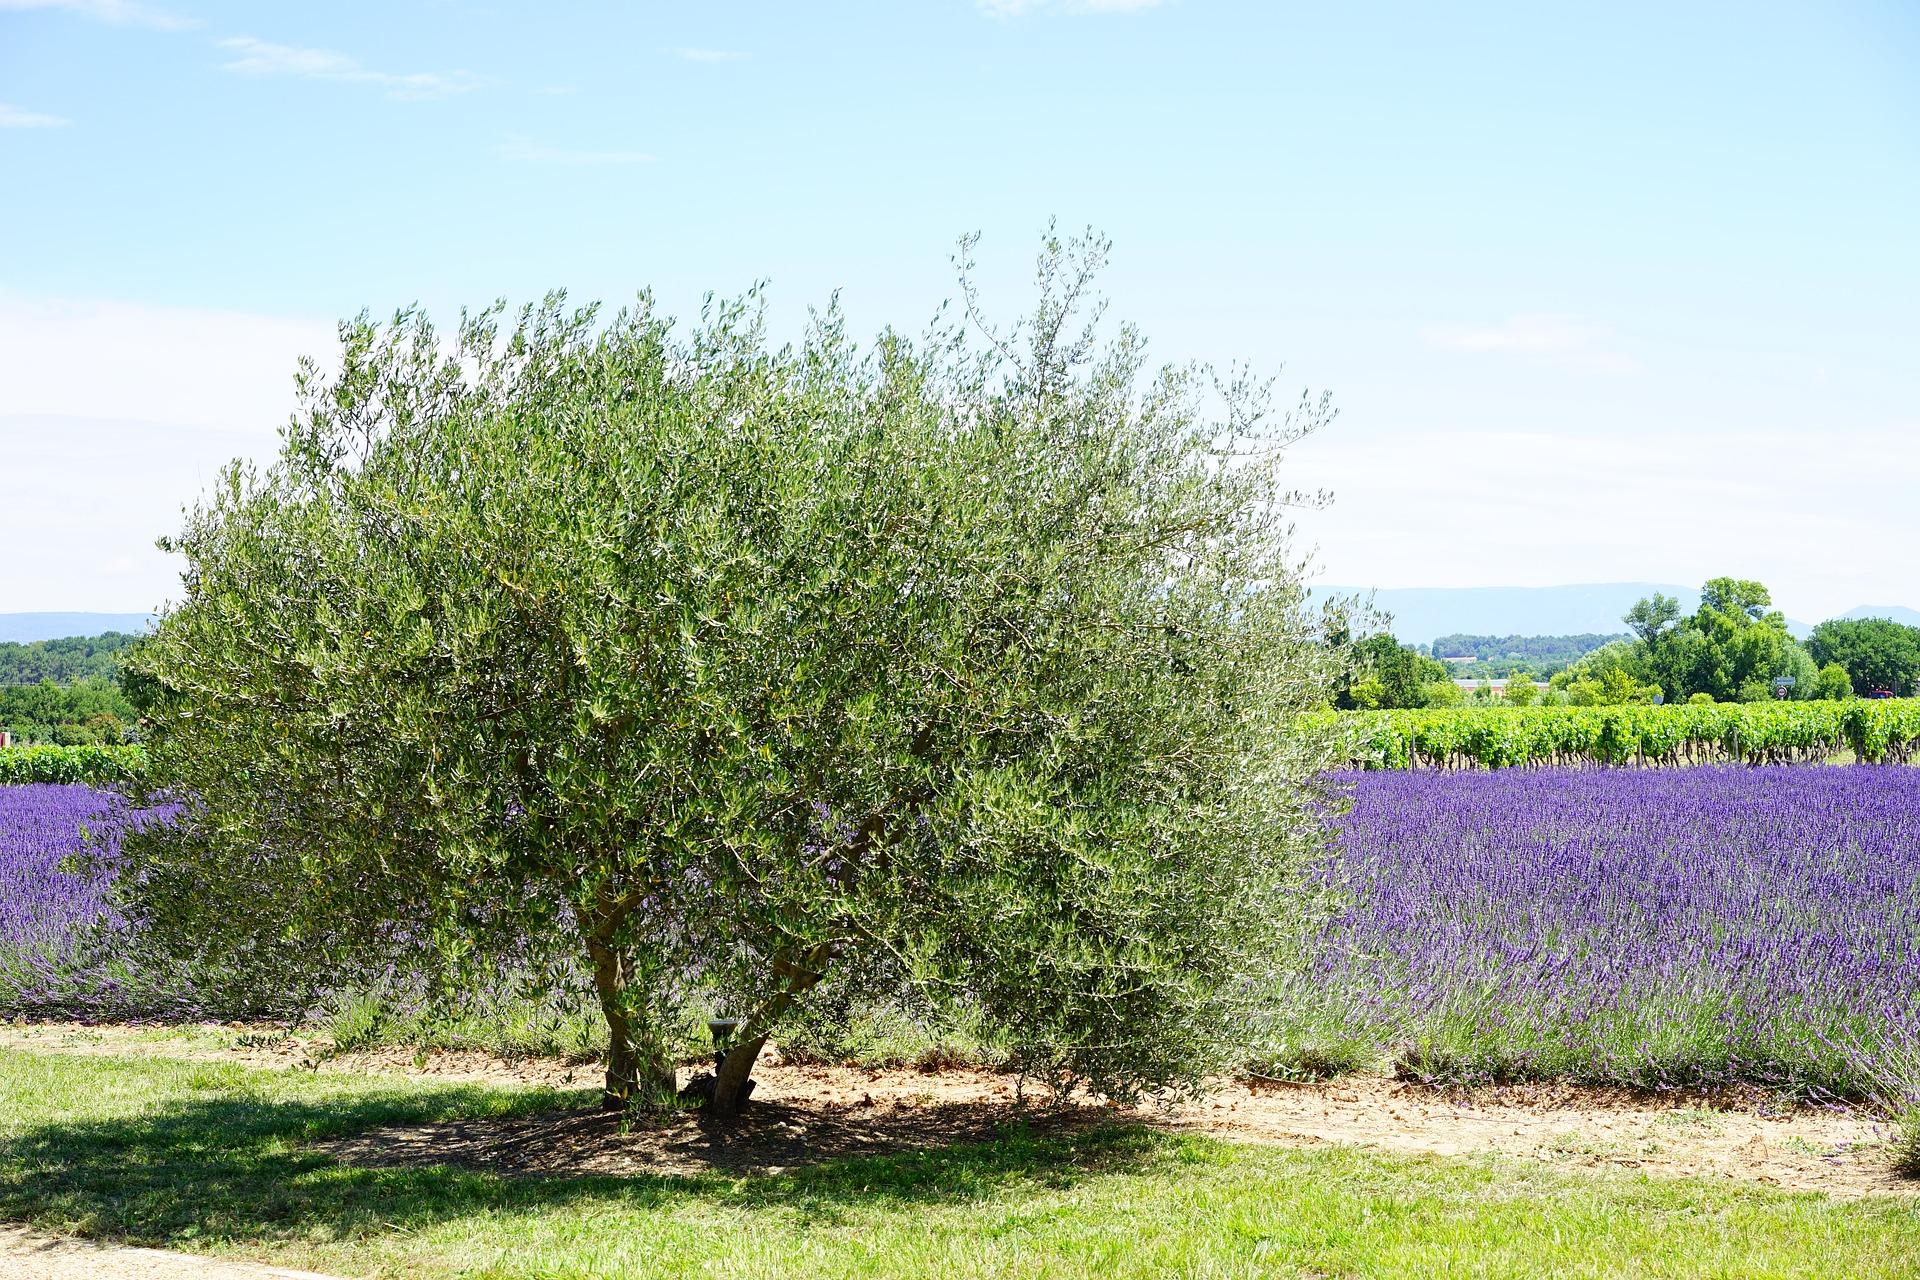 arbre olivier avec de la lavande